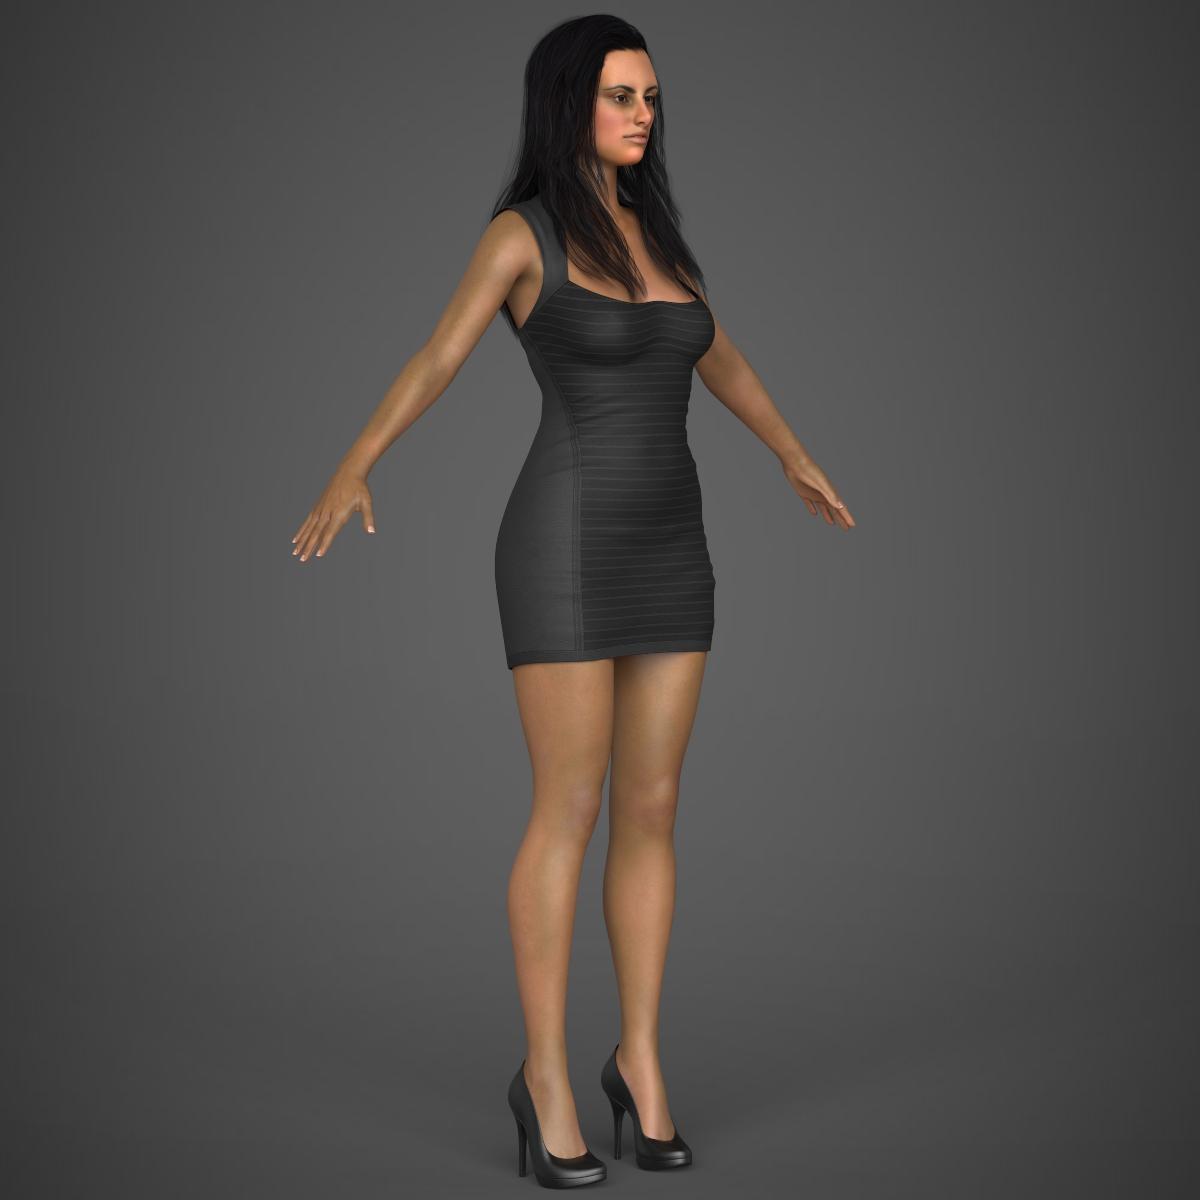 young sexy woman 3d model max fbx c4d ma mb texture obj 221222